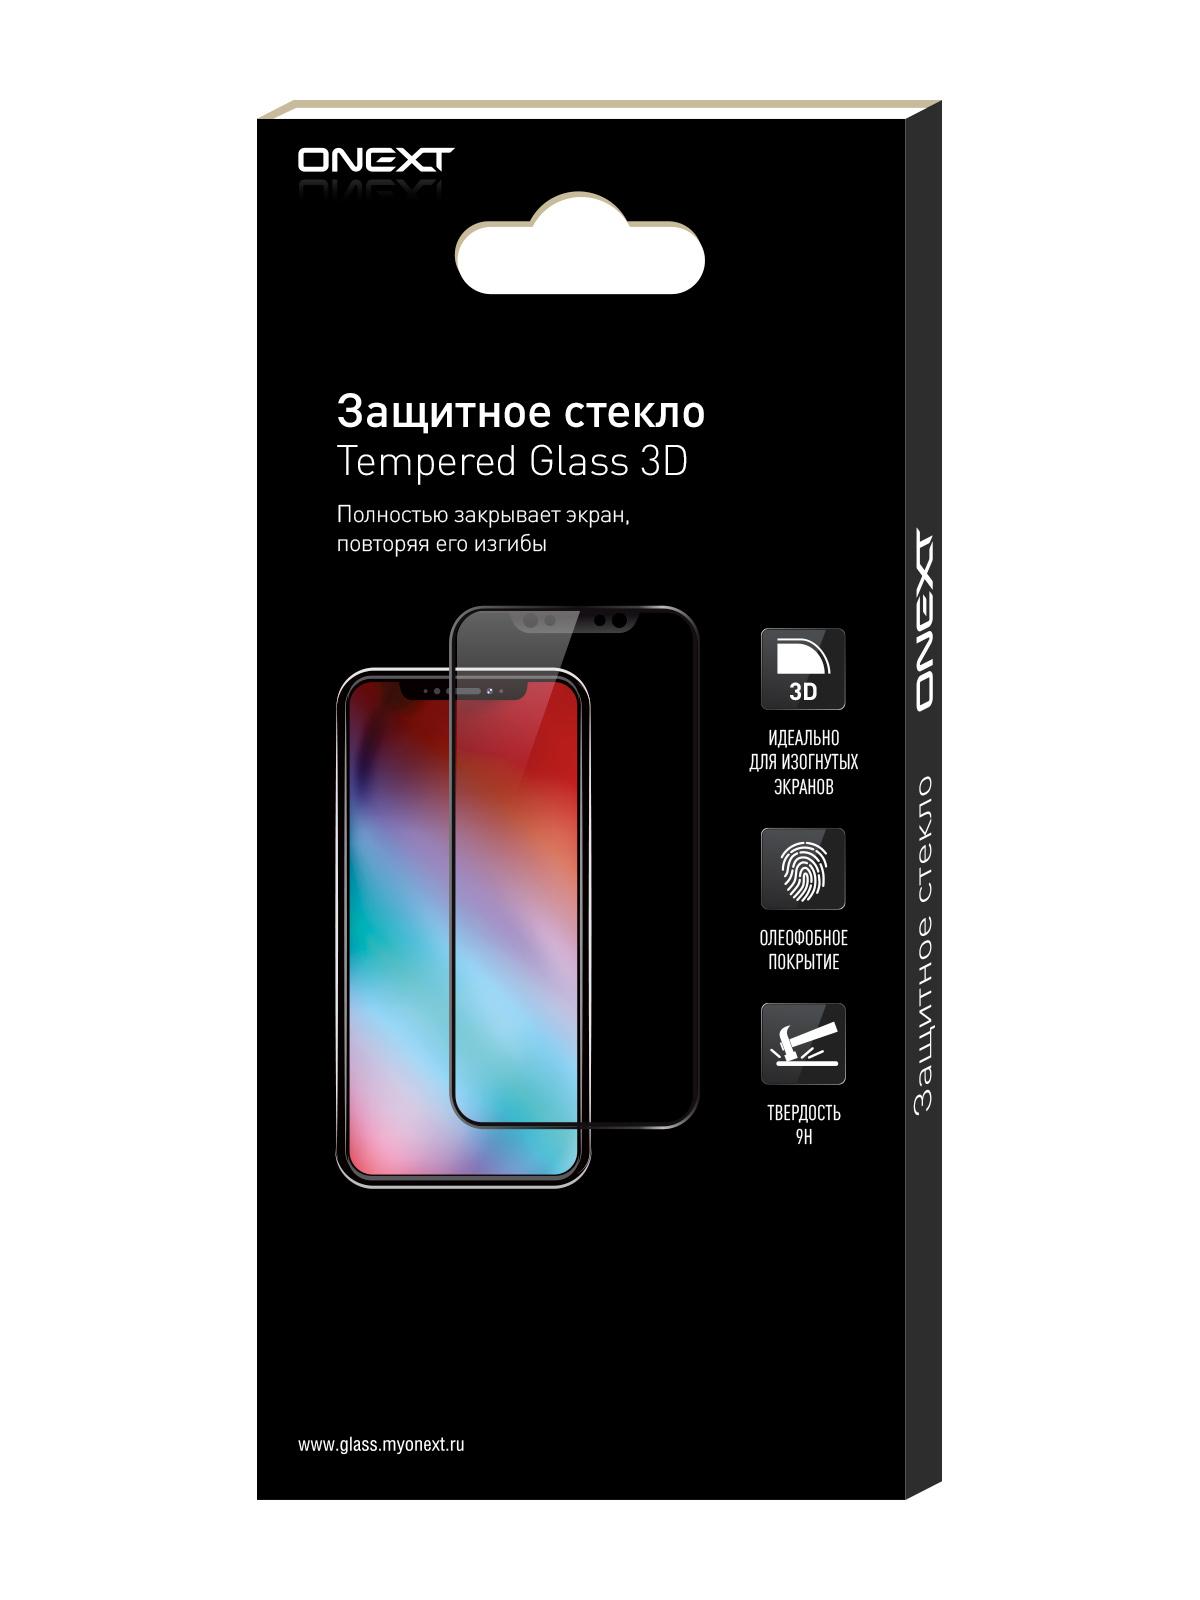 Защитное стекло ONEXT для Apple iPhone 6/iPhone 6S Plus